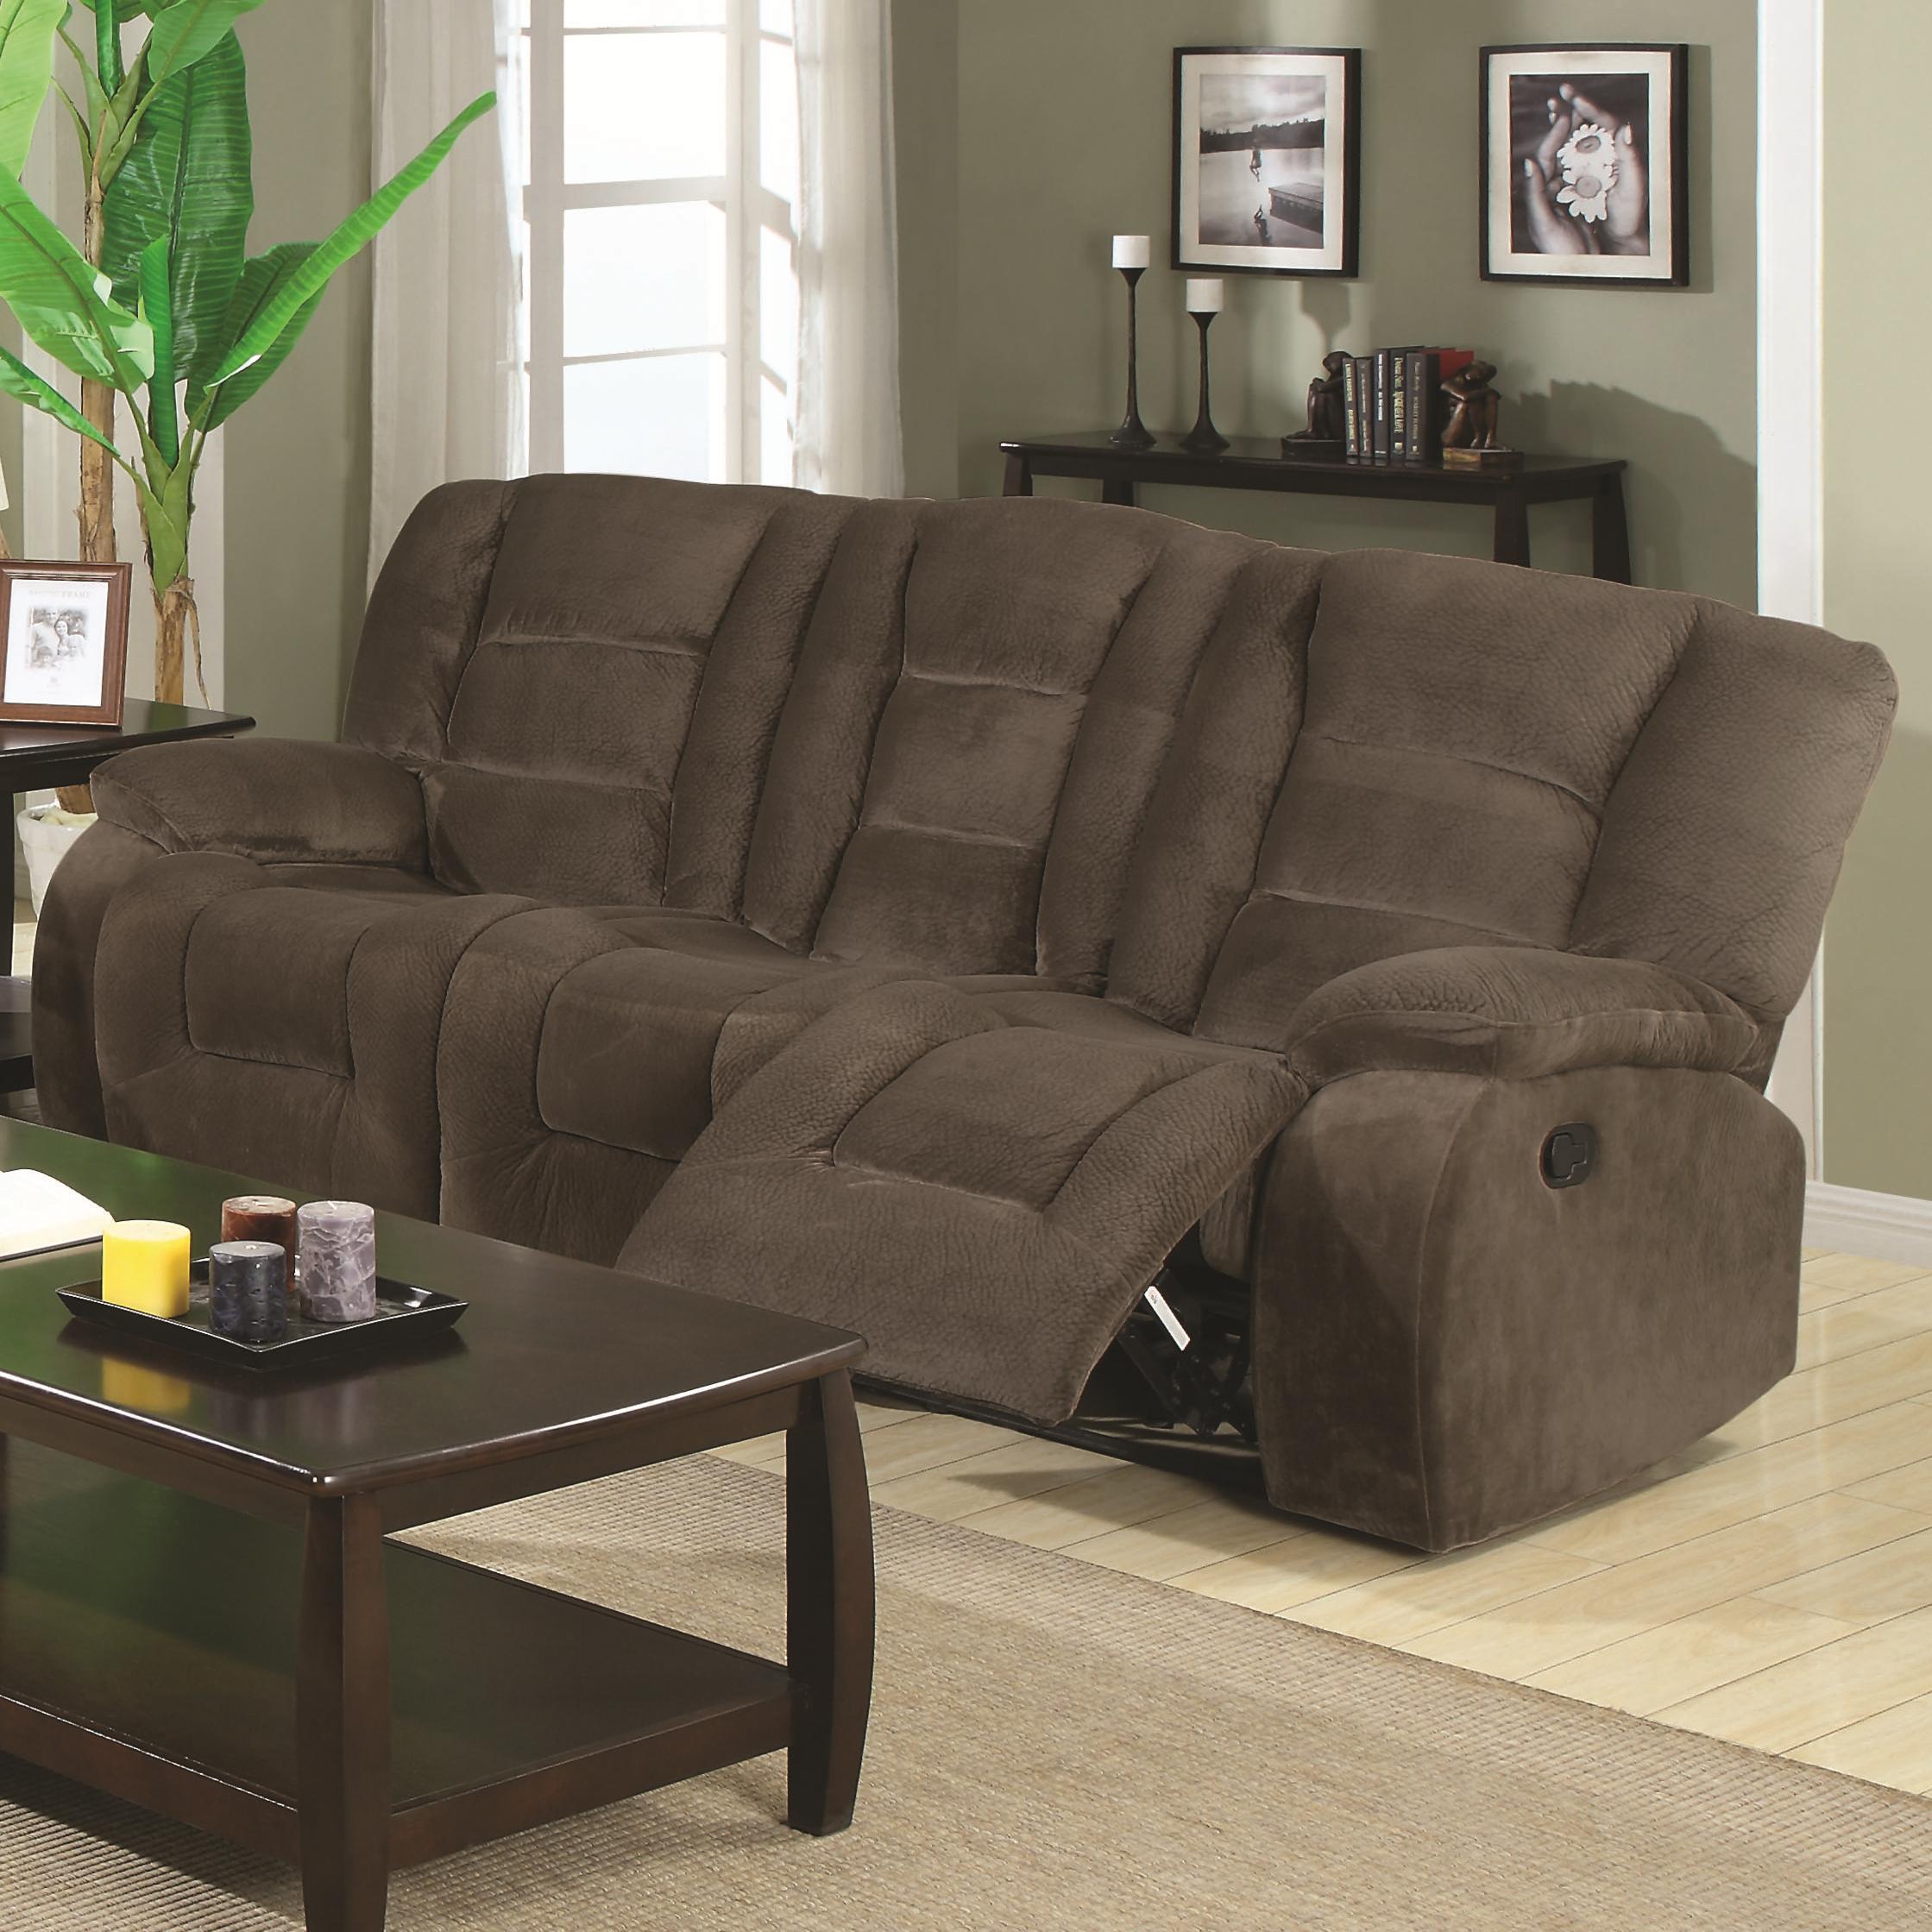 Coaster Charlie Motion Sofa - Item Number: 600991